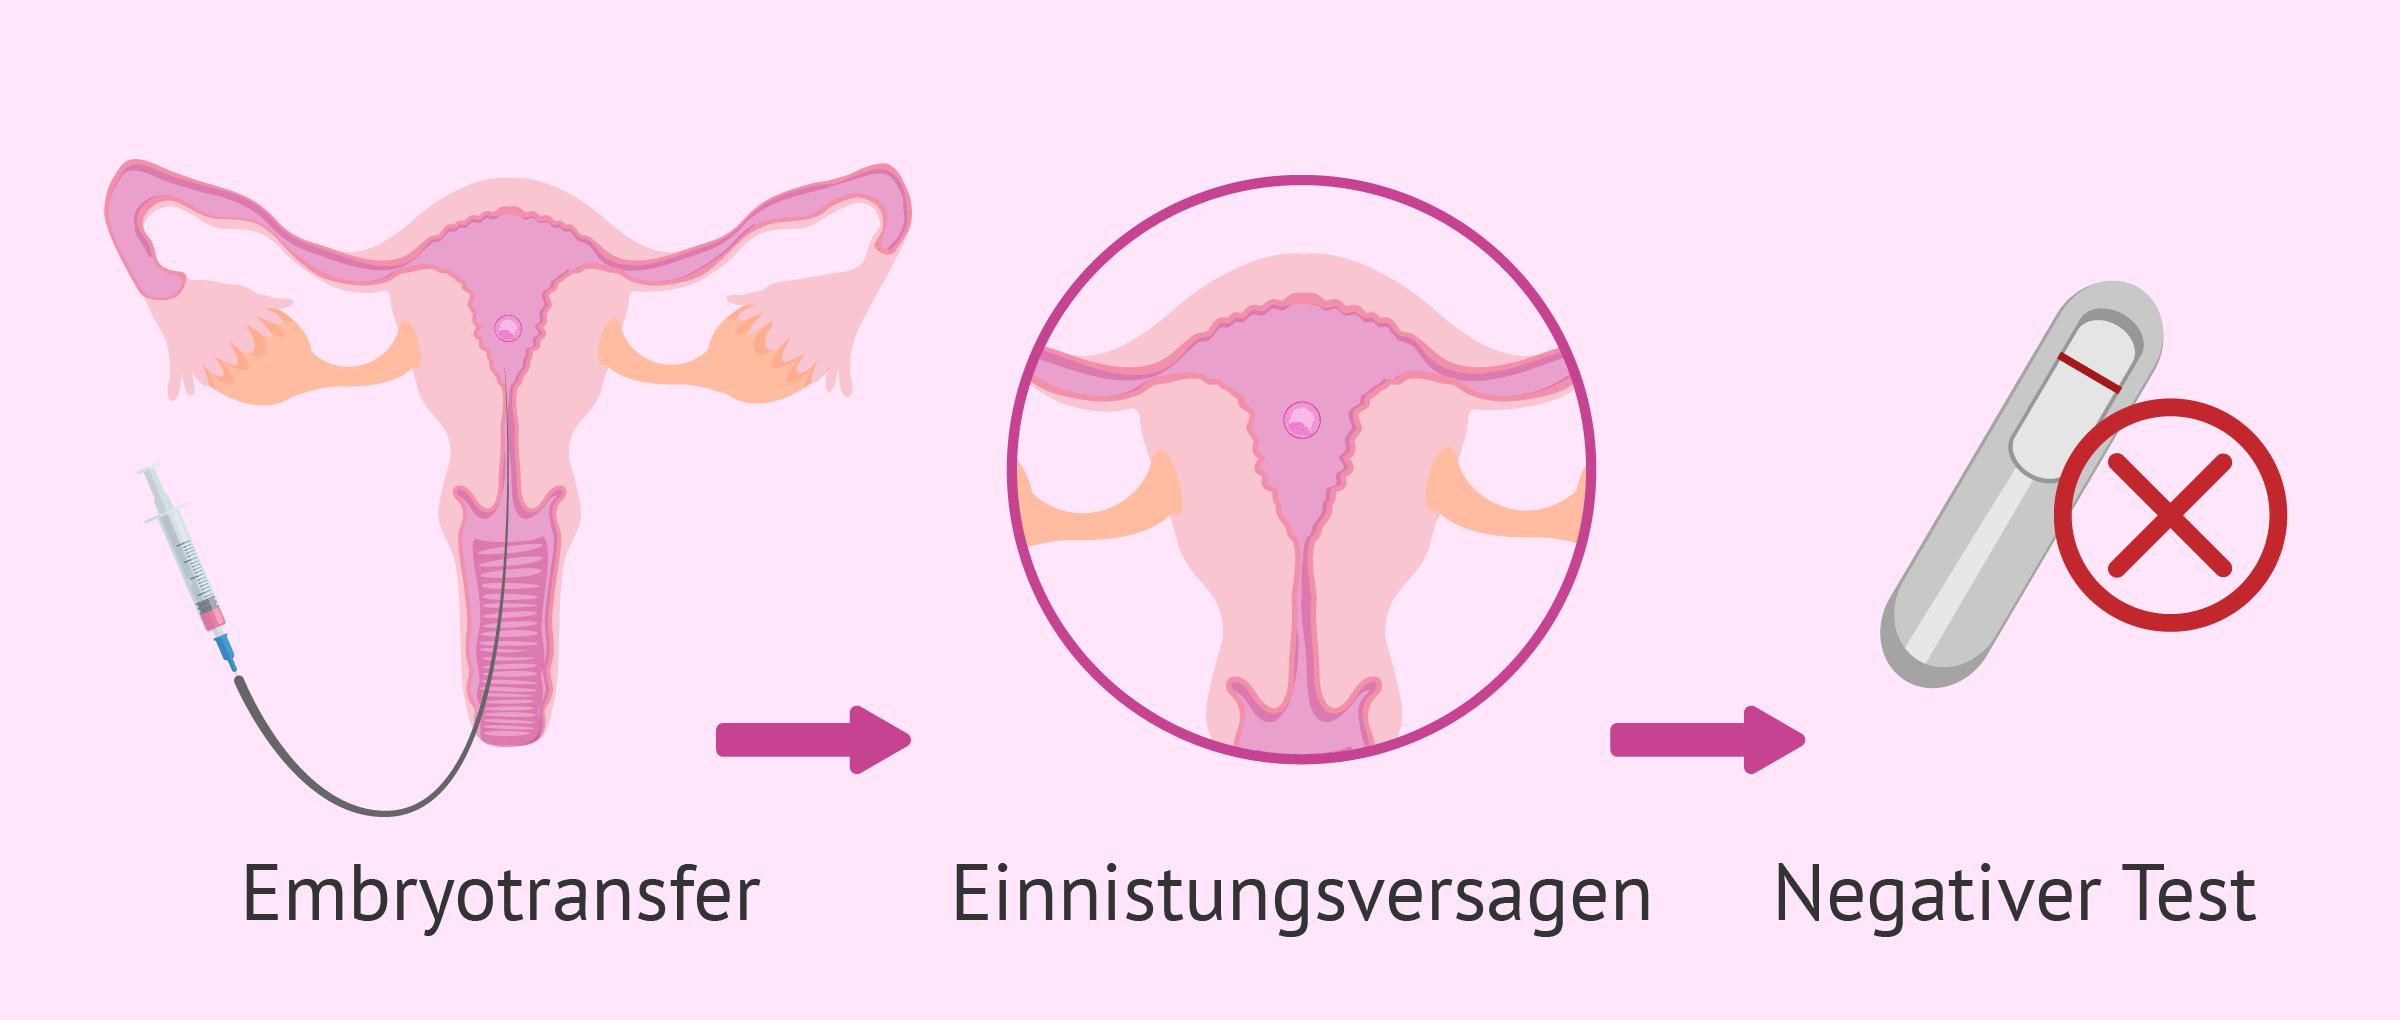 Einnistungsversagen nach der IVF